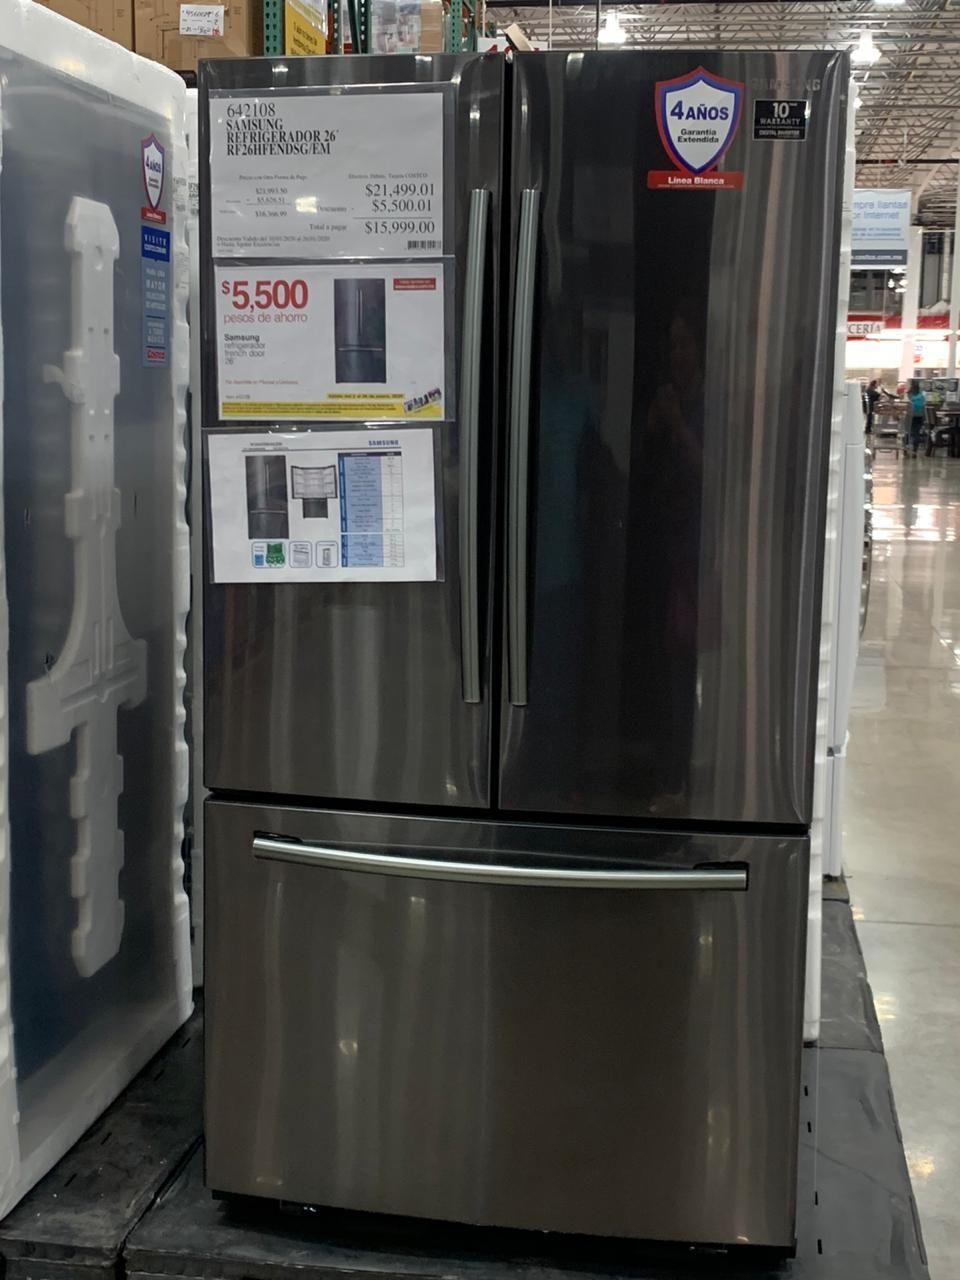 Costco Refrigerador Samsung 26 ' cupón 5500